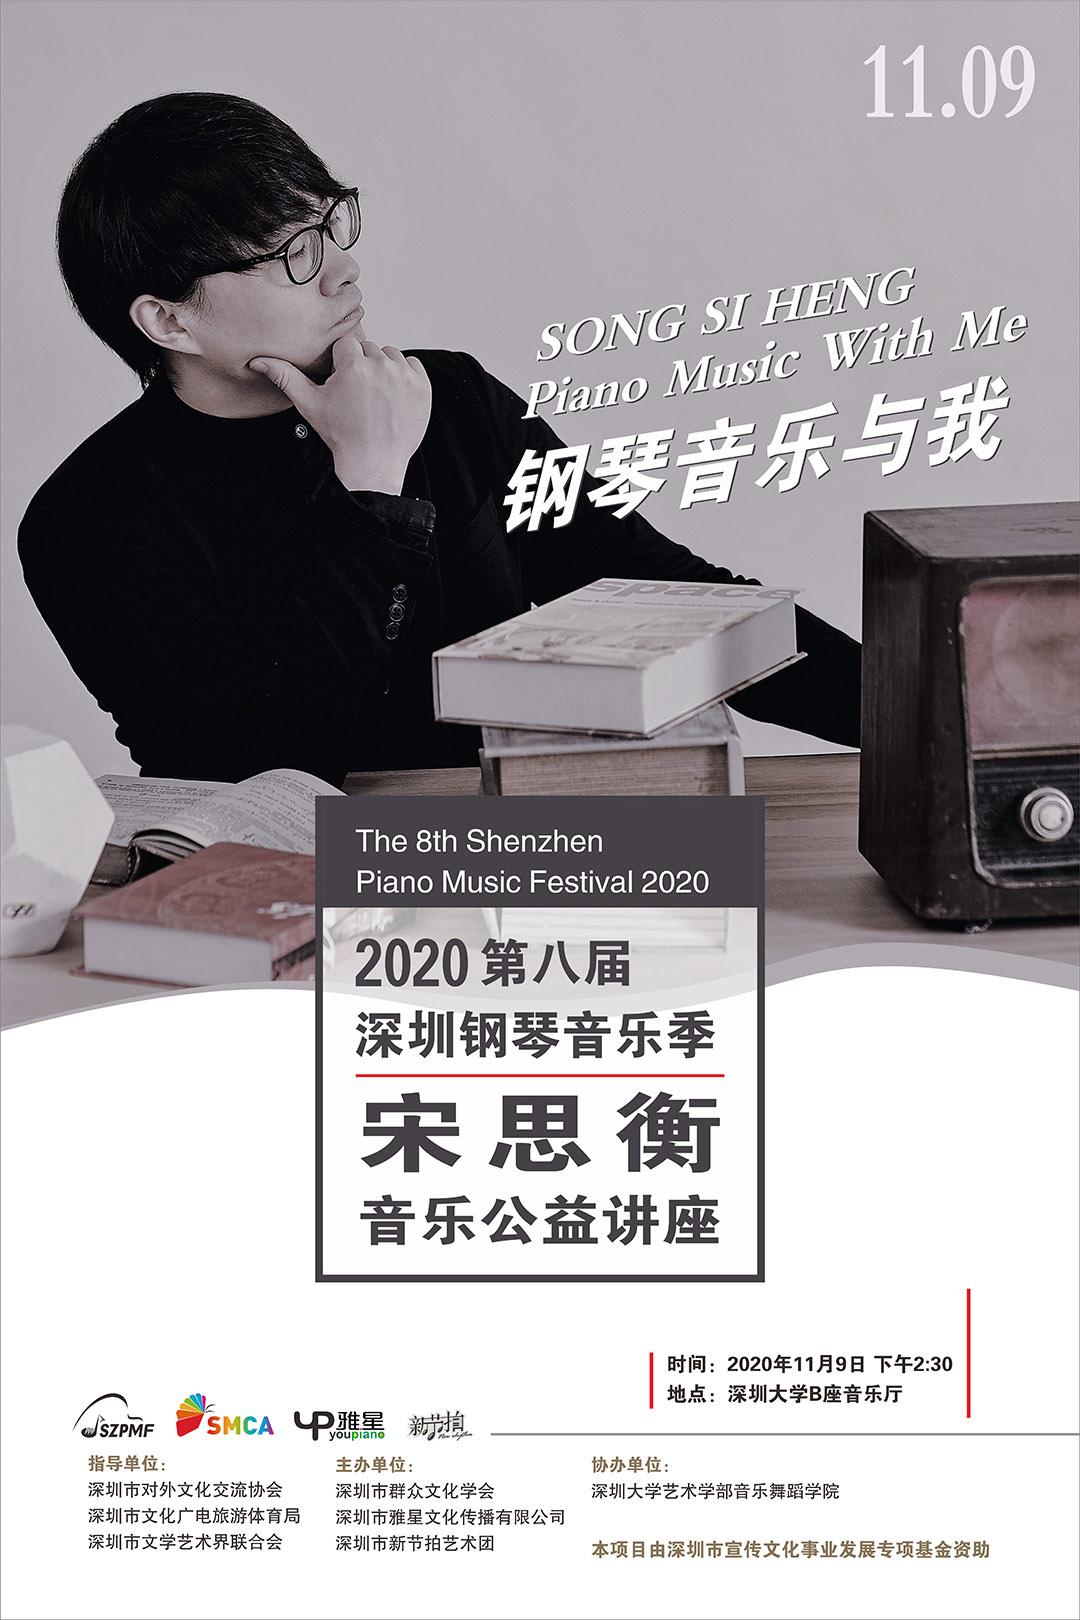 2020-11-09_宋思衡音乐公益讲座(深圳大学音乐厅)副本.jpg